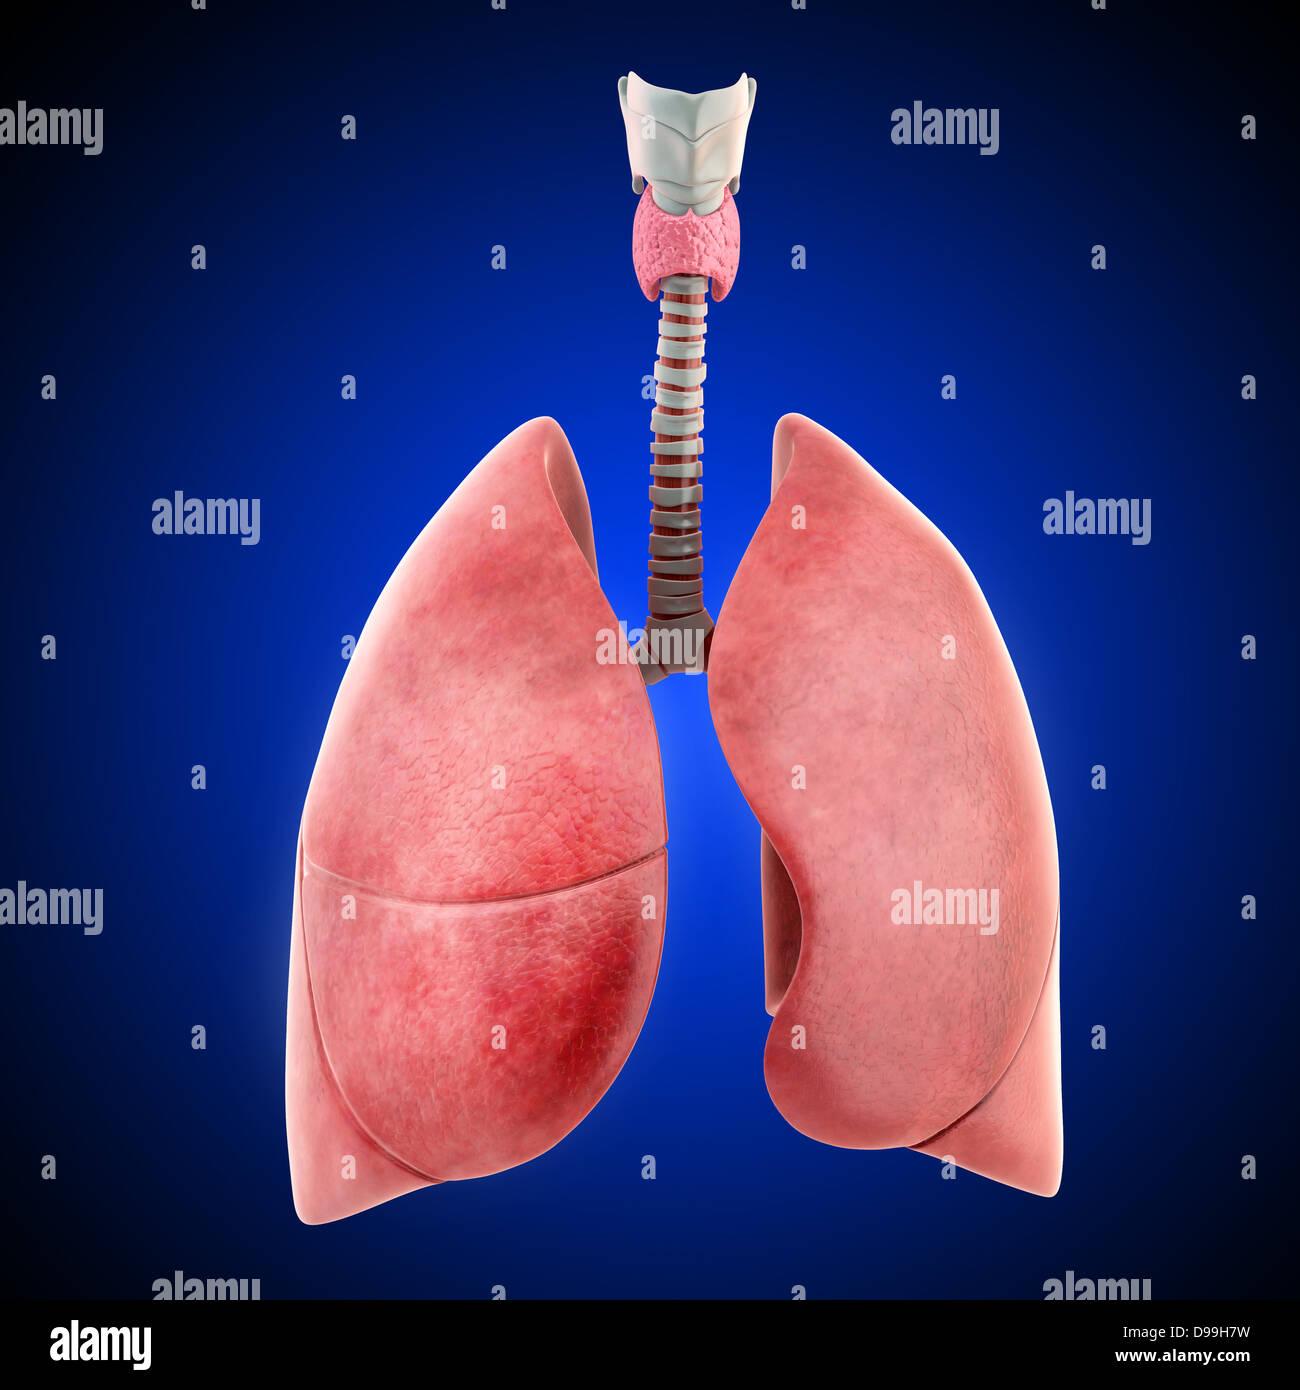 3D Anatomie der menschlichen Lunge Stockfoto, Bild: 57374125 - Alamy